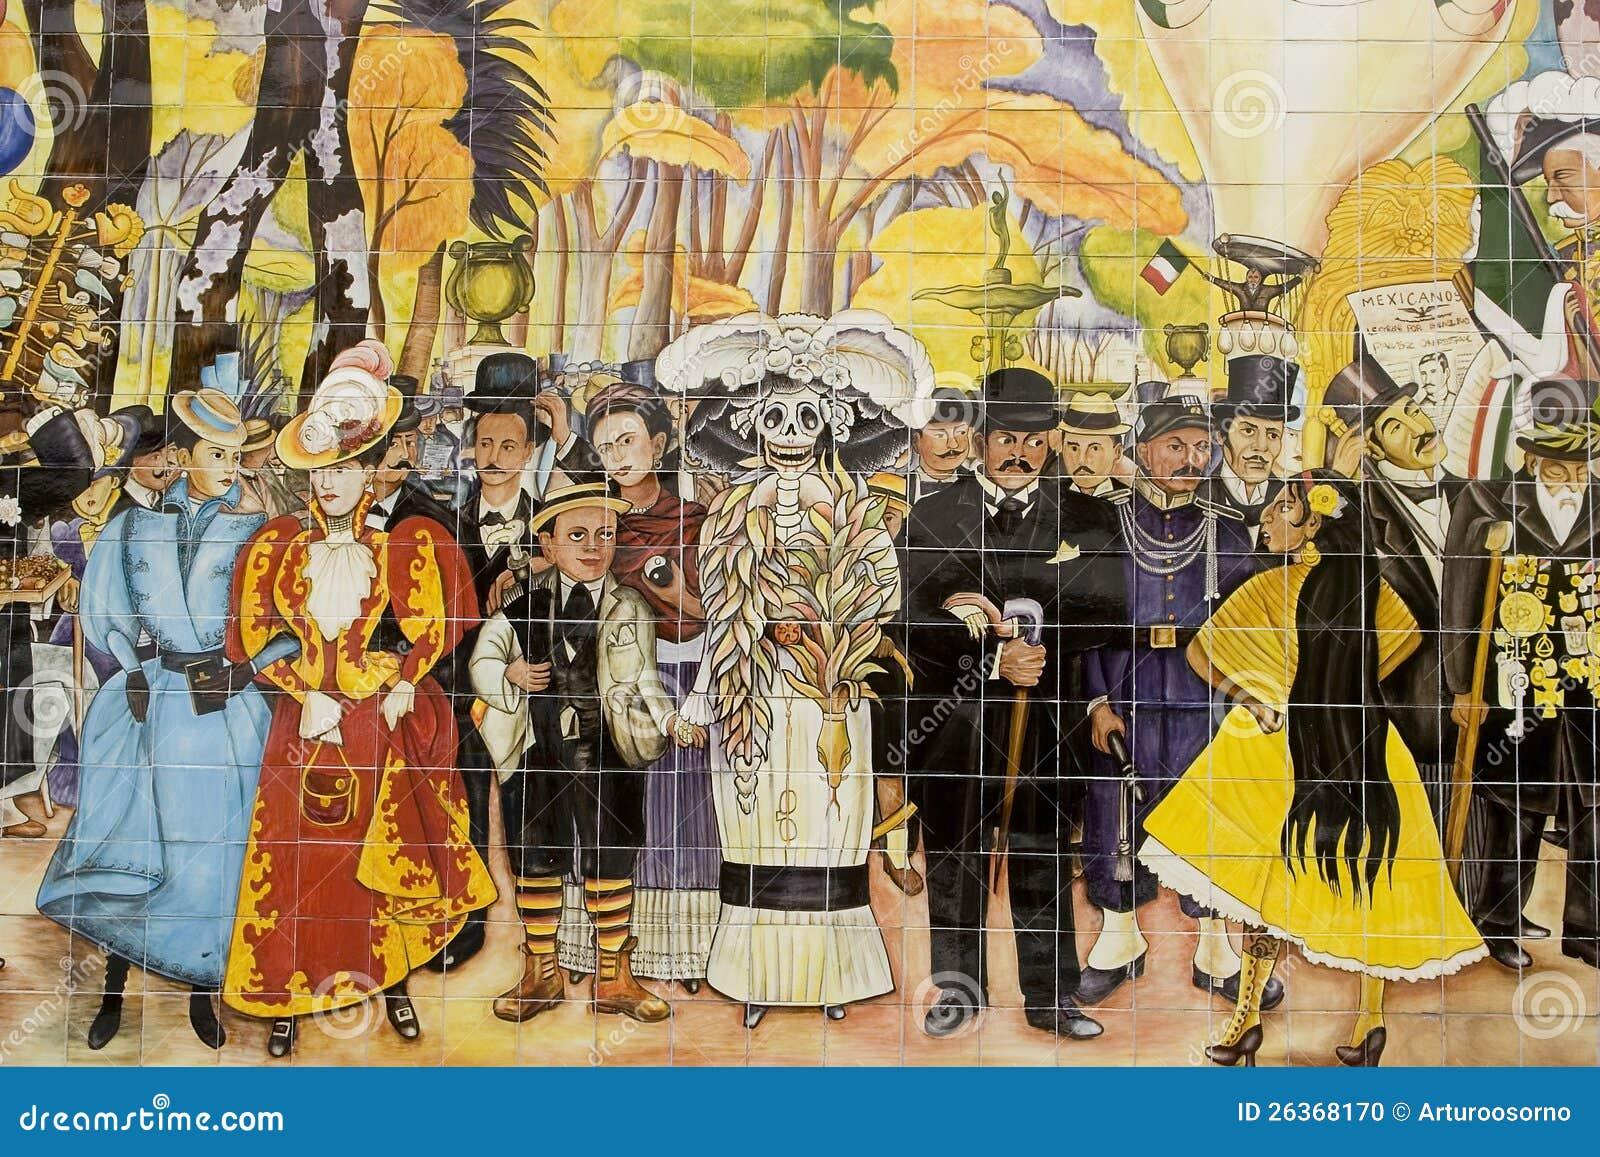 Wandbild von Diego Rivera